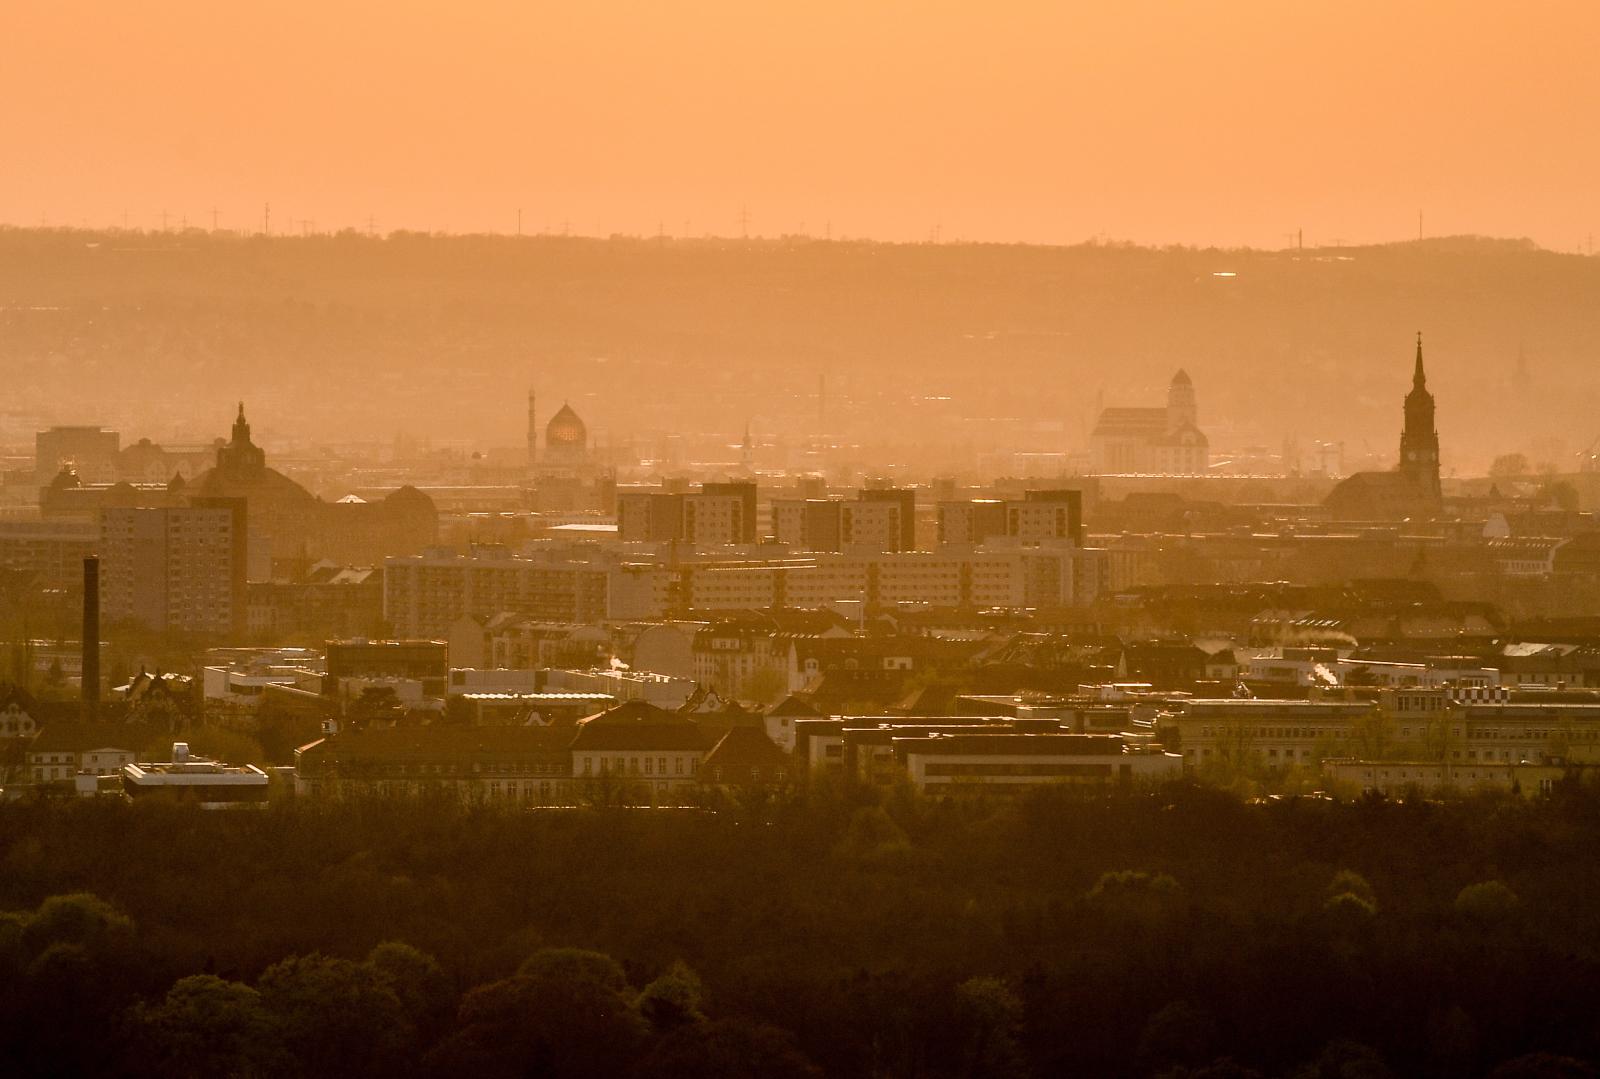 Niemcy, zachód słońca    EPA/FILIP SINGER